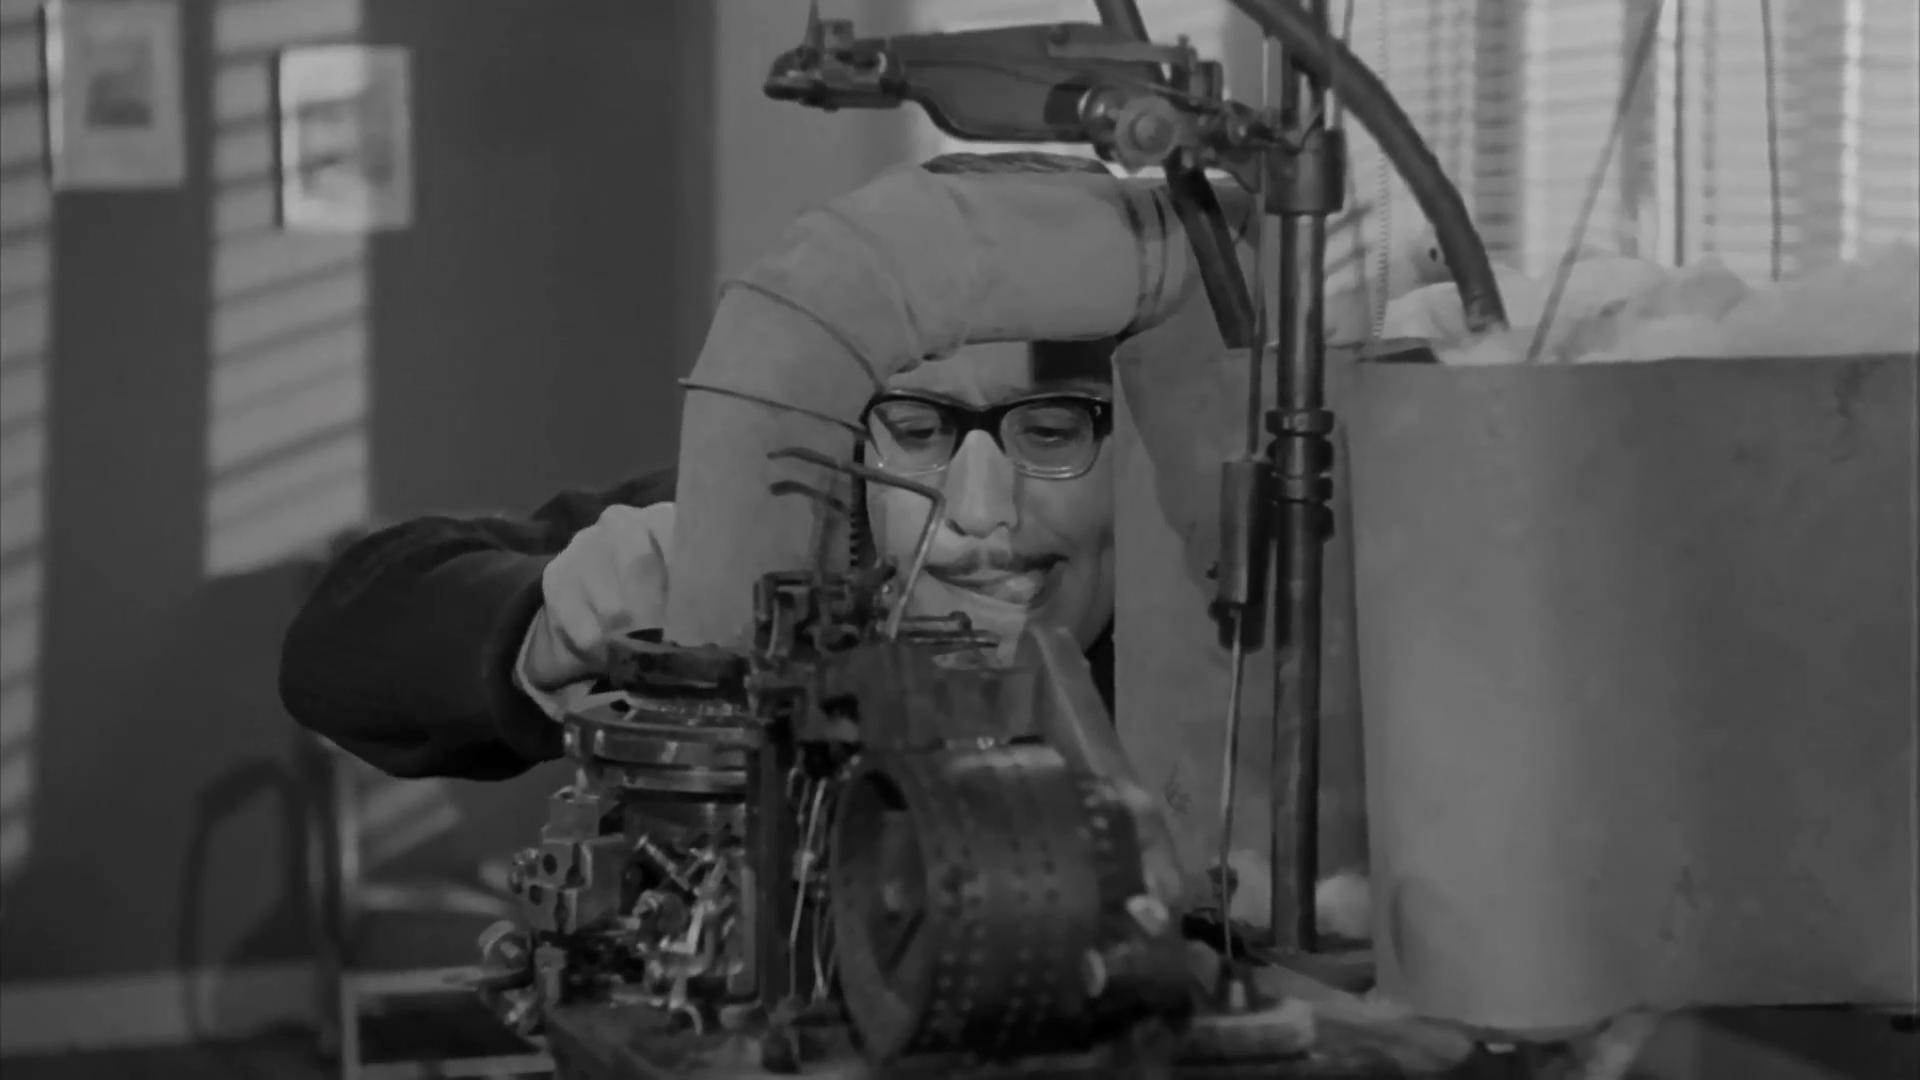 [فيلم][تورنت][تحميل][عائلة زيزي TS][1963][1080p][Web-DL] 5 arabp2p.com